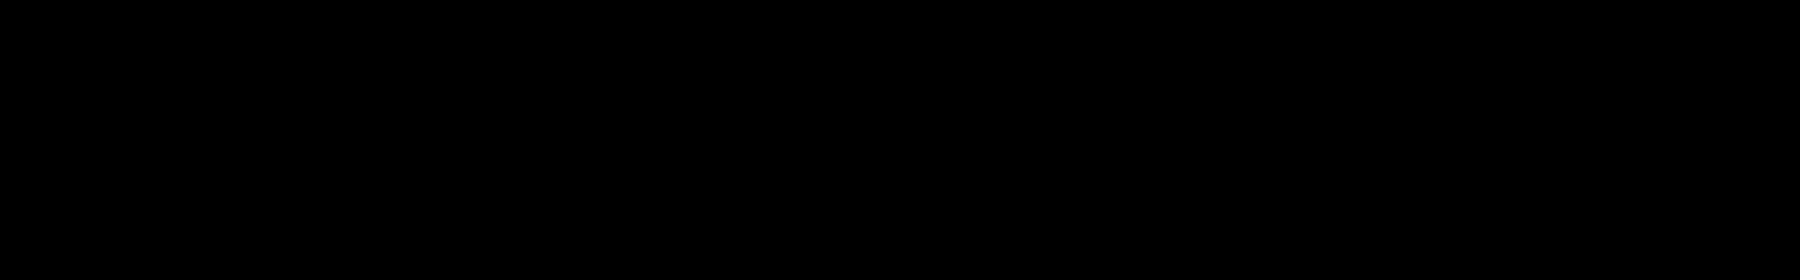 Riemann Techno Basslines audio waveform